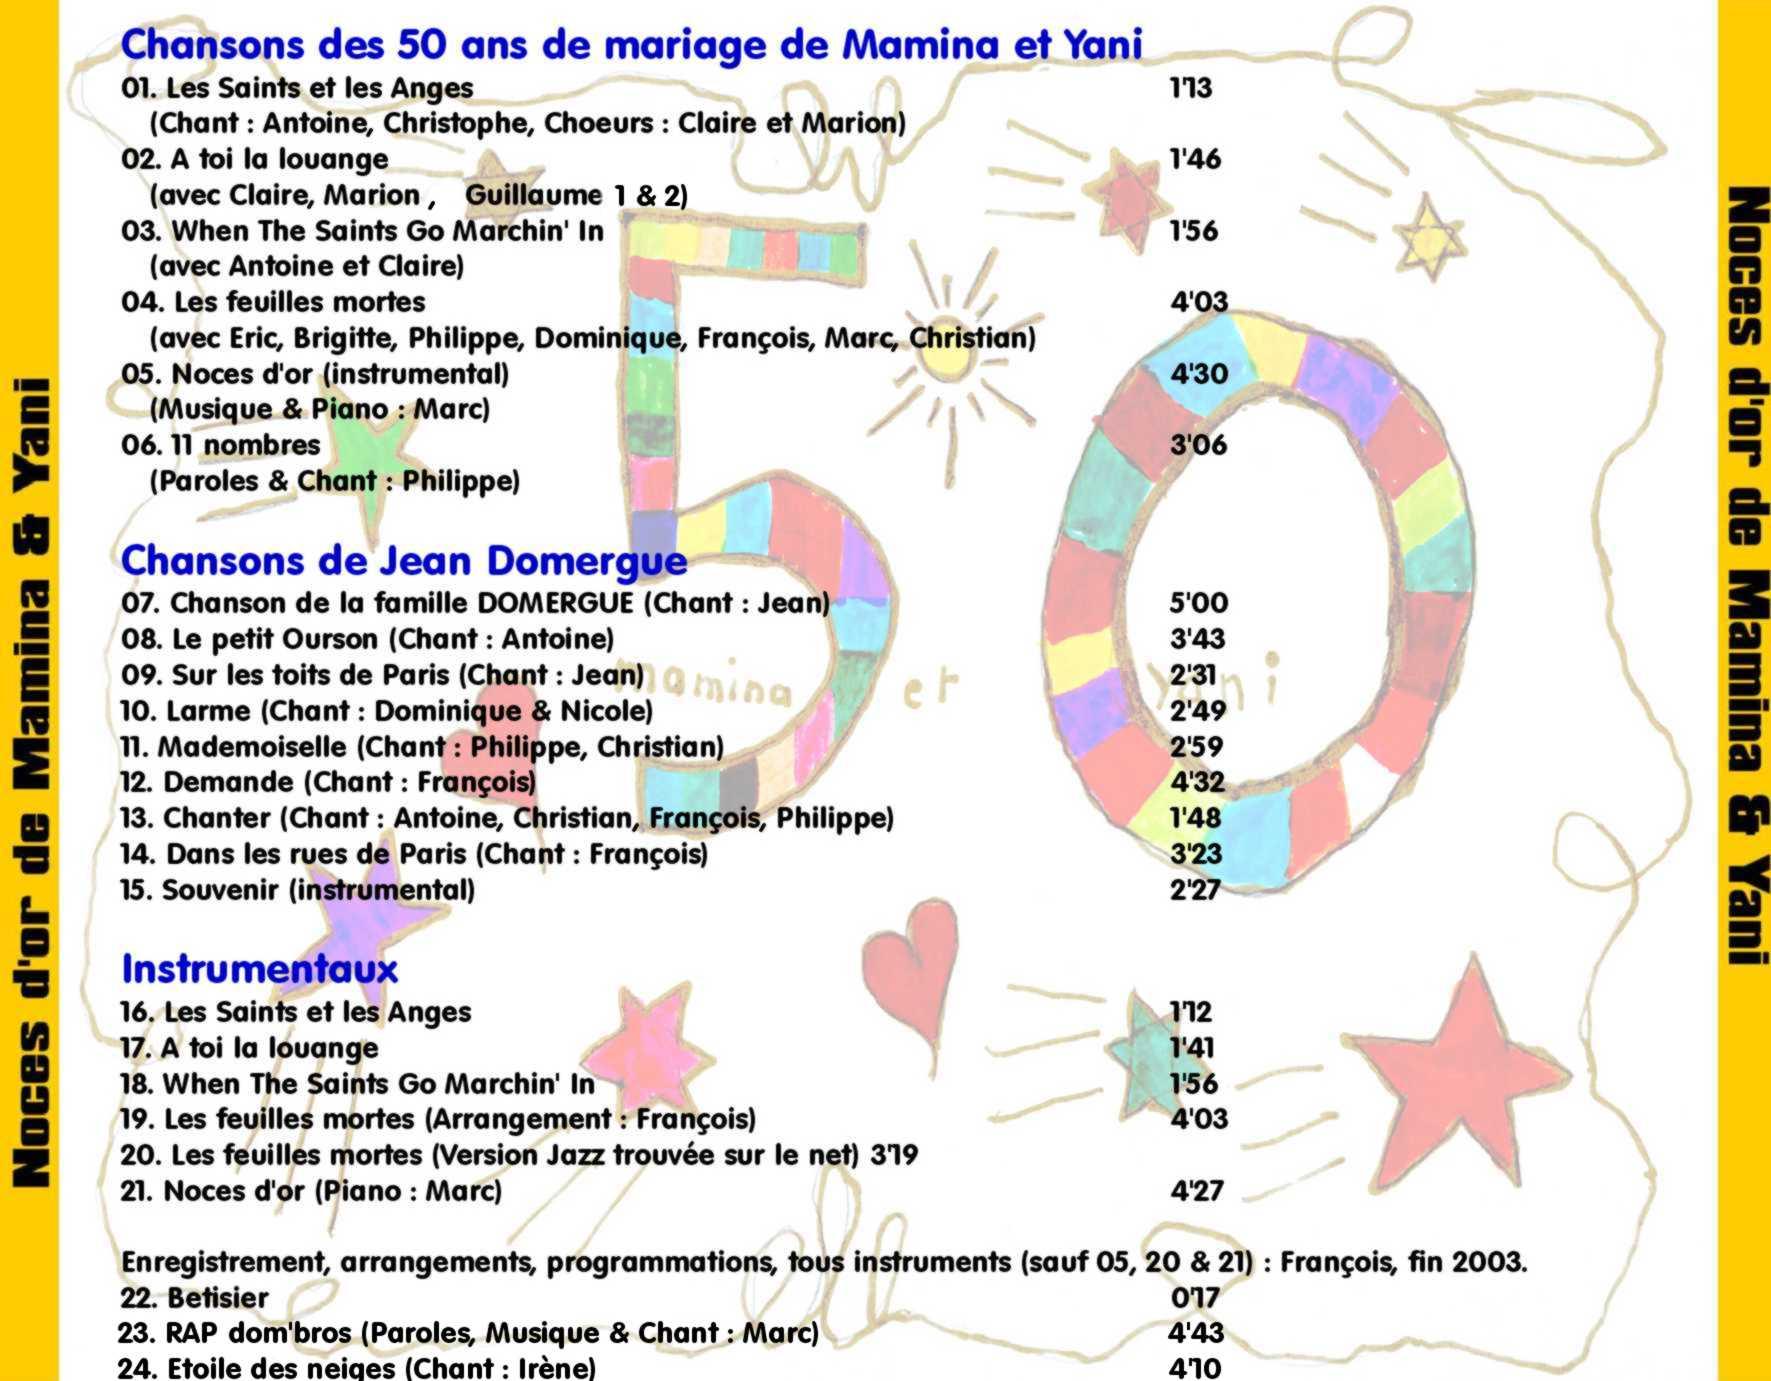 noces dor enregistr fin 2003 par toute la famille domergue enfants petits enfants belles surs loccasion des 50 ans de mariage de - Noce 50 Ans De Mariage